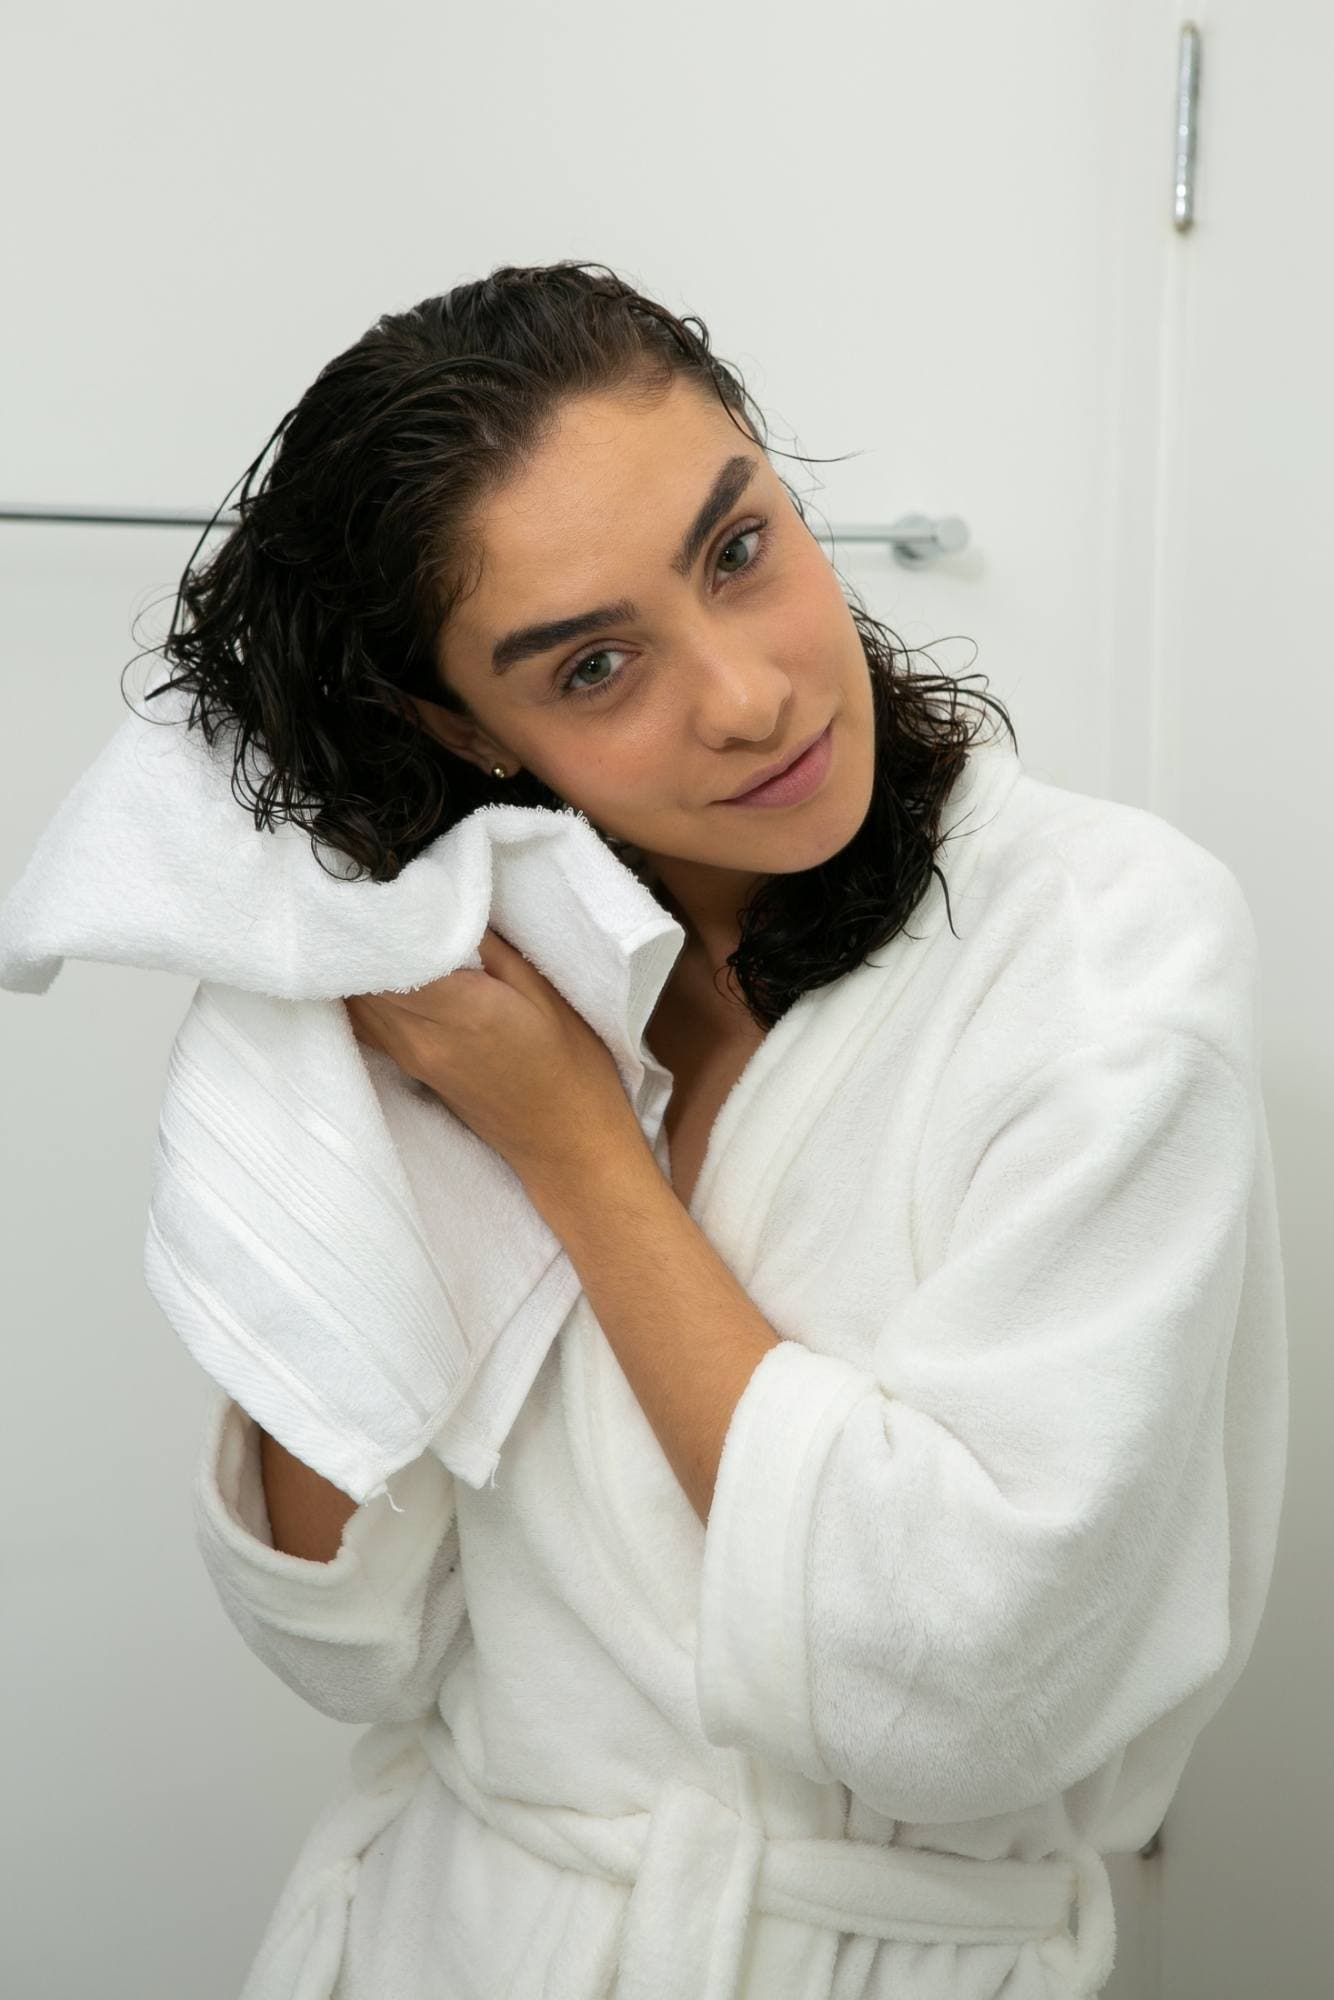 modelo de cabelo cacheado secando os fios com uma toalha